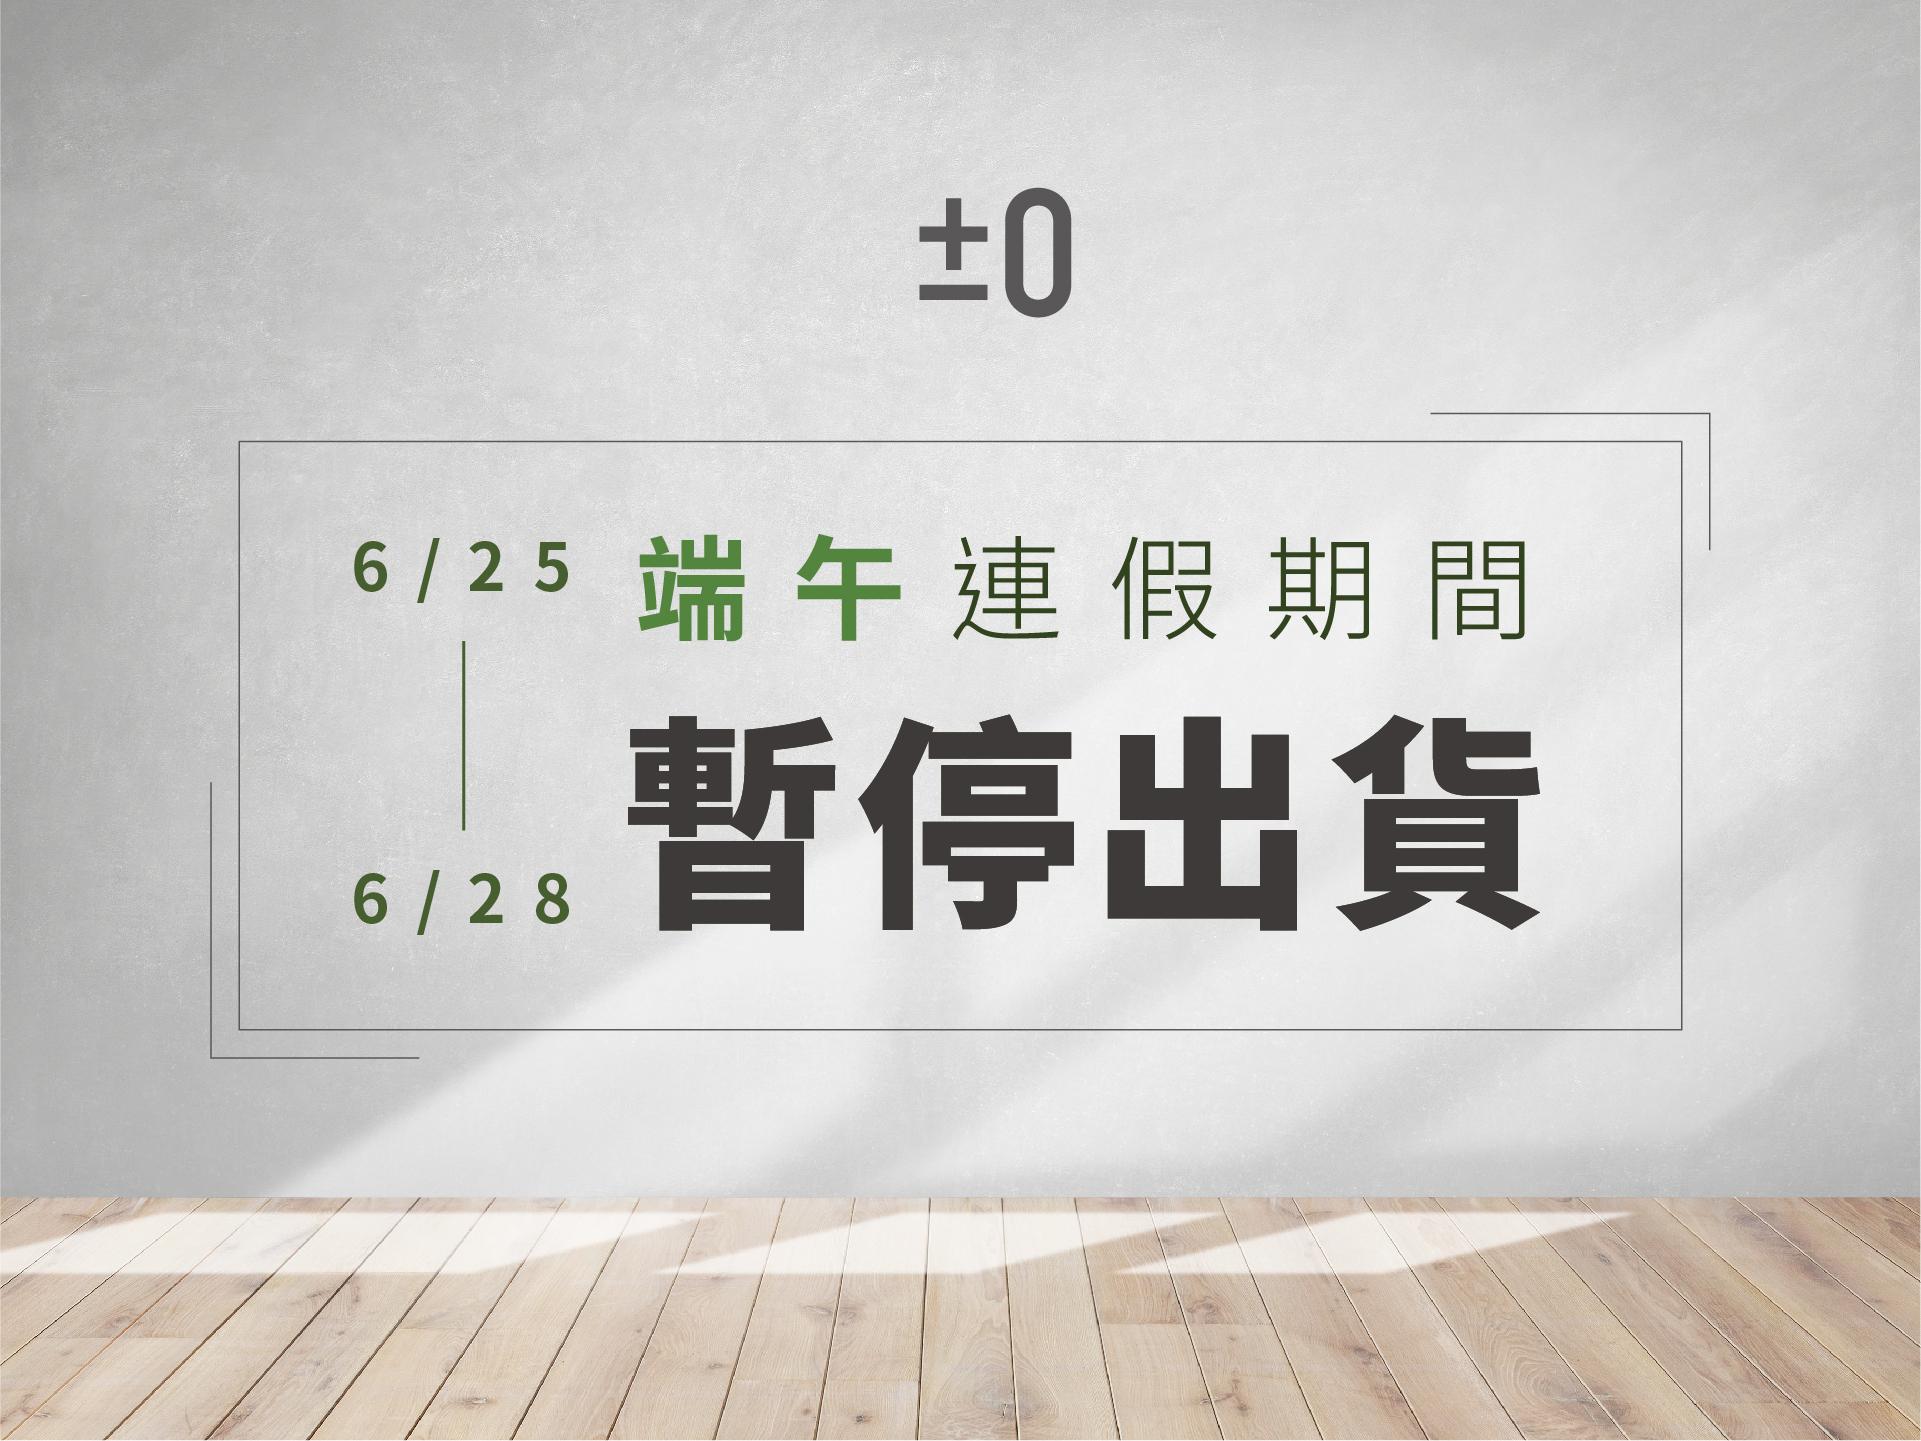 【重要訊息】2020端午連假期間暫停出貨與客服公告